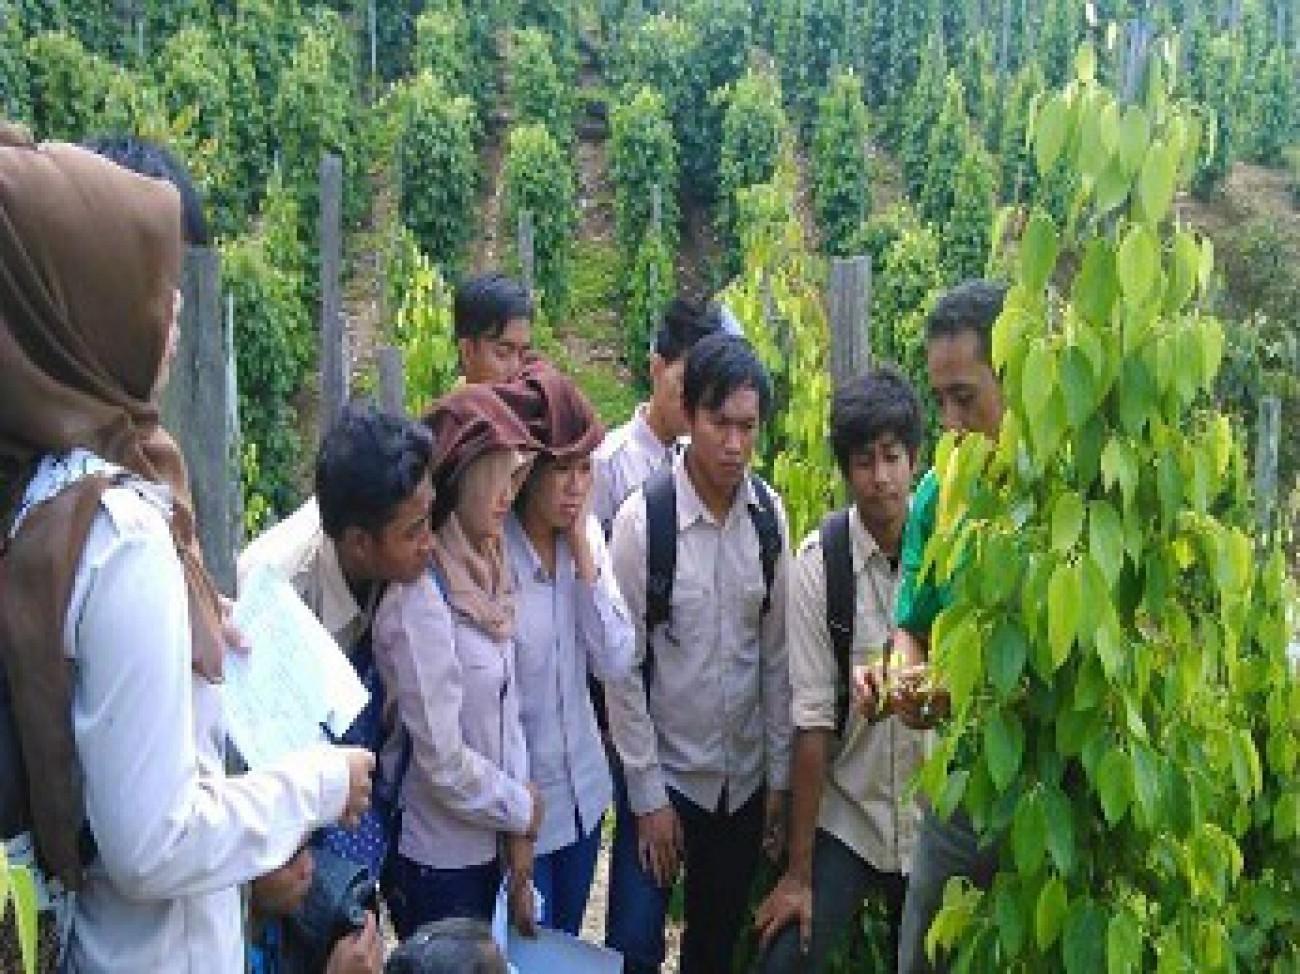 Mahasiswa Politani Praktek Lapang Budidaya Lada